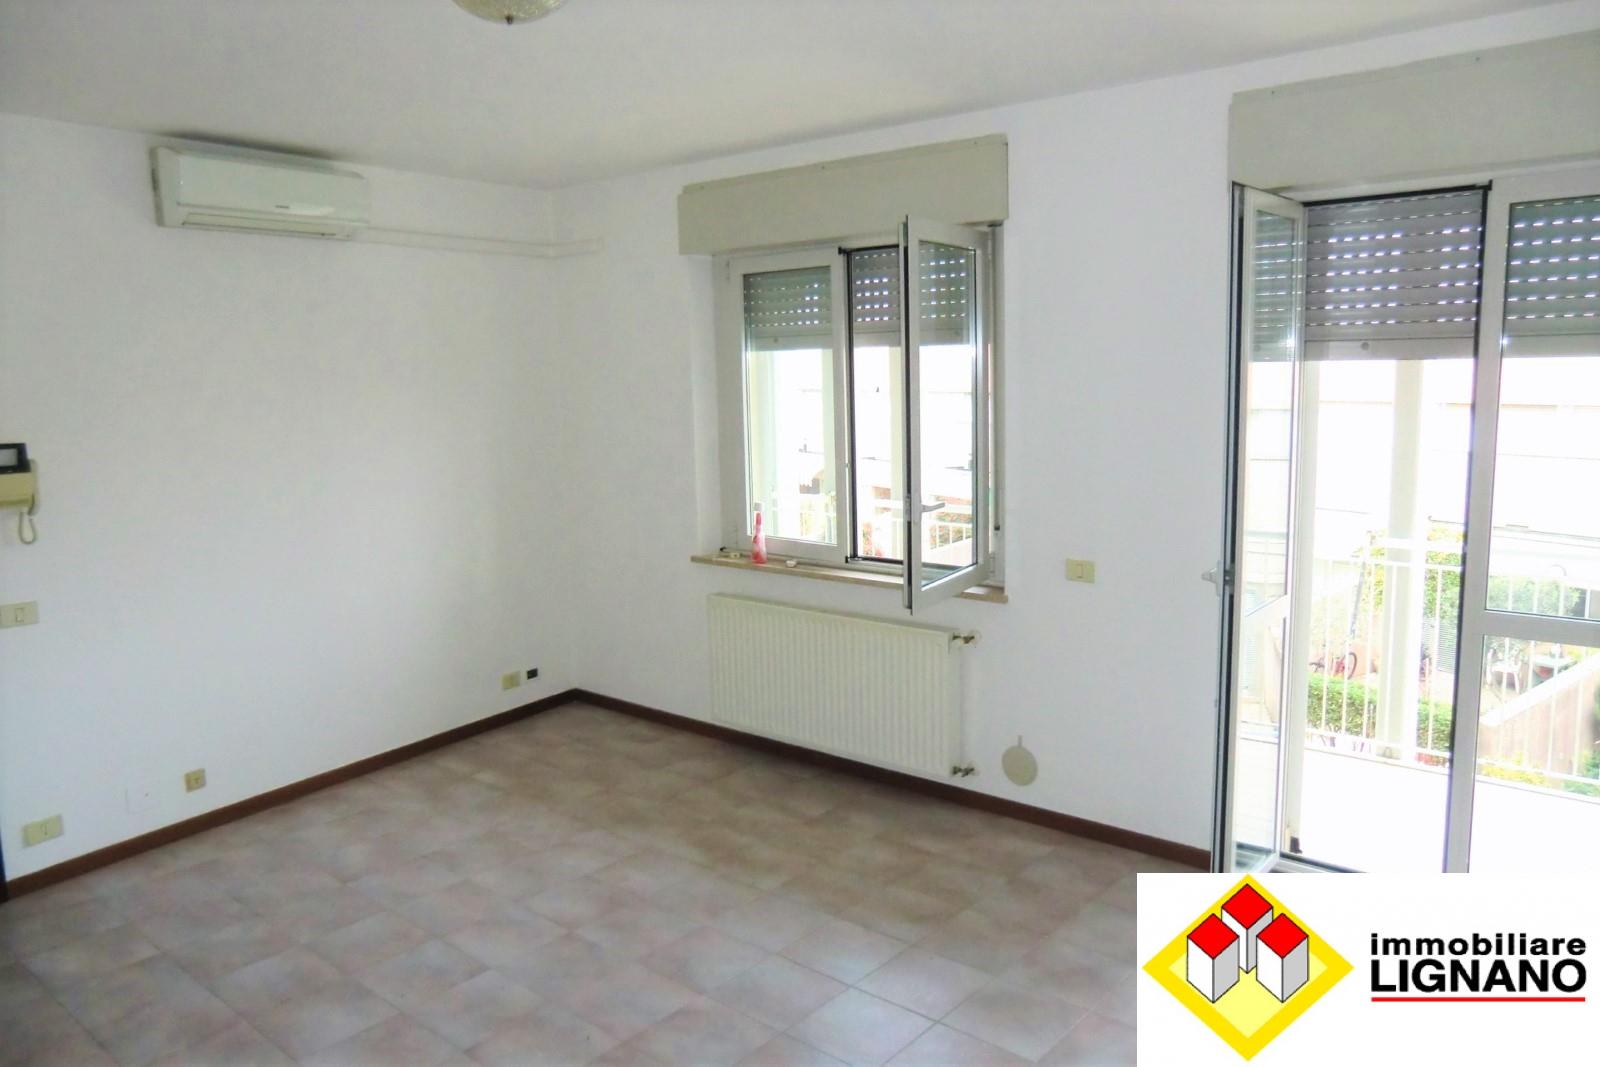 Appartamento in vendita a San Michele al Tagliamento, 3 locali, prezzo € 59.000 | CambioCasa.it